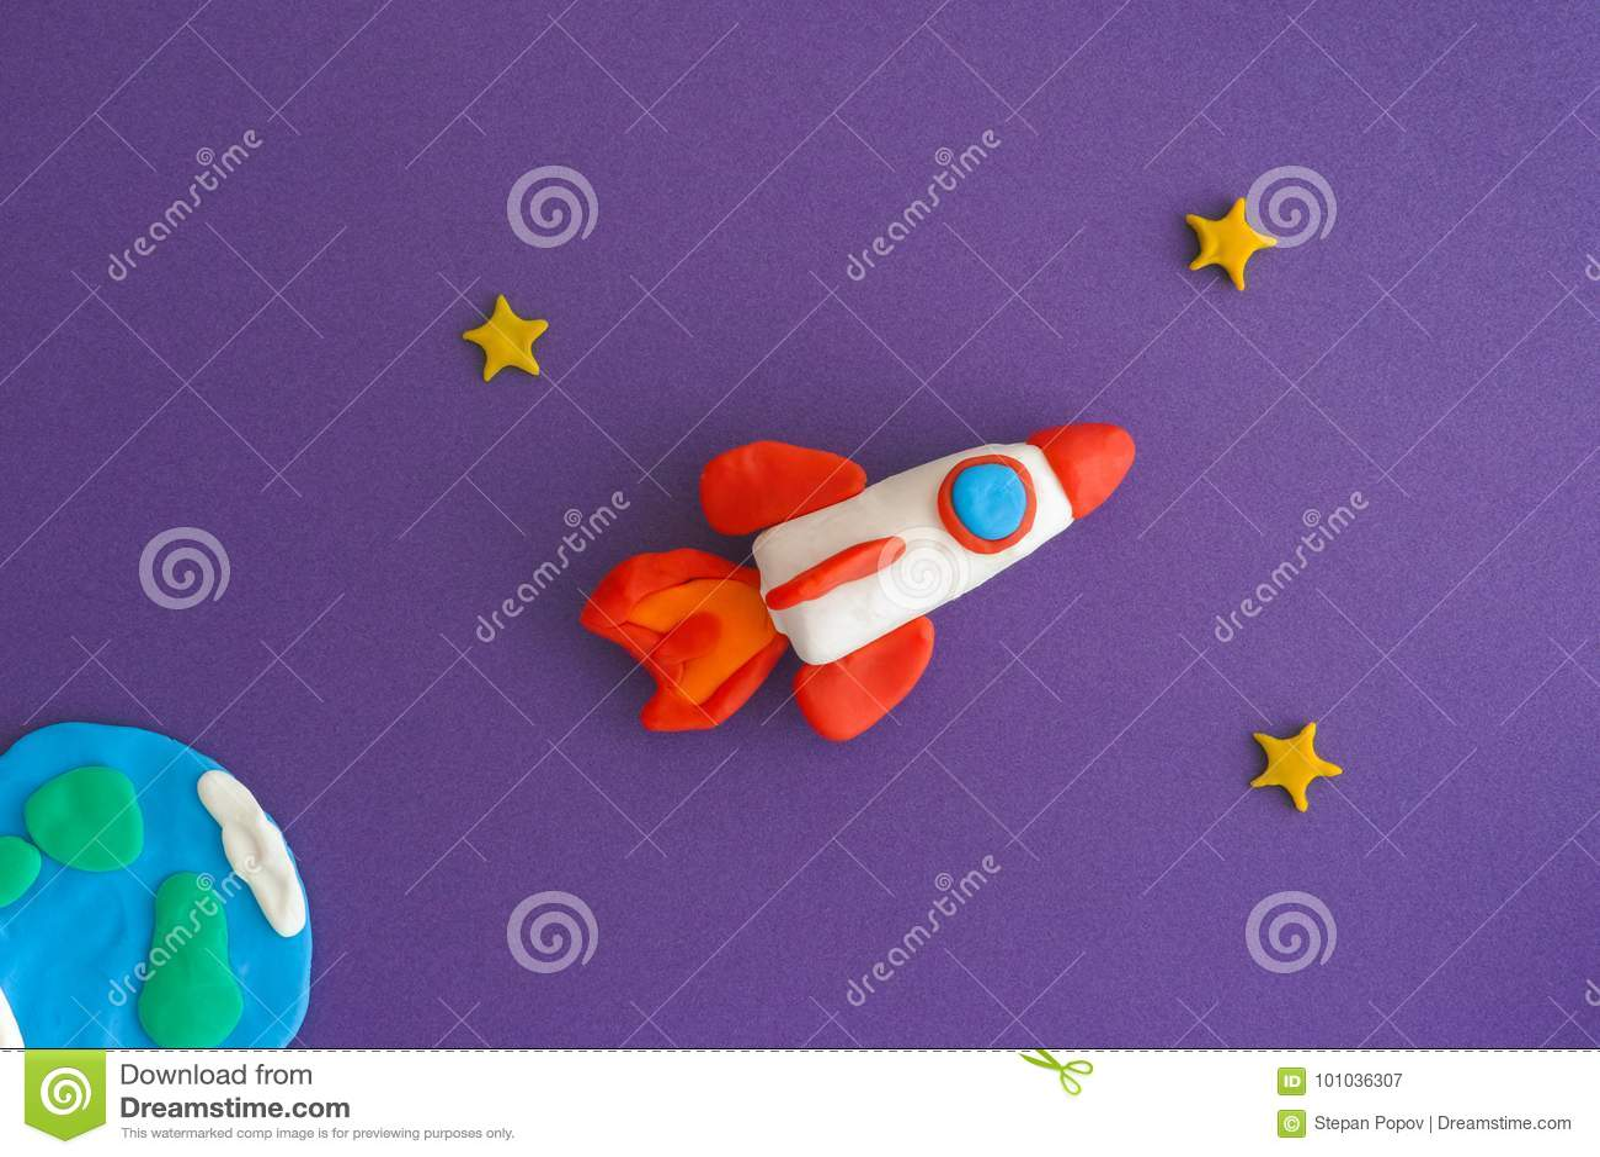 Idées de Rocket Blasting Off For New de l espace